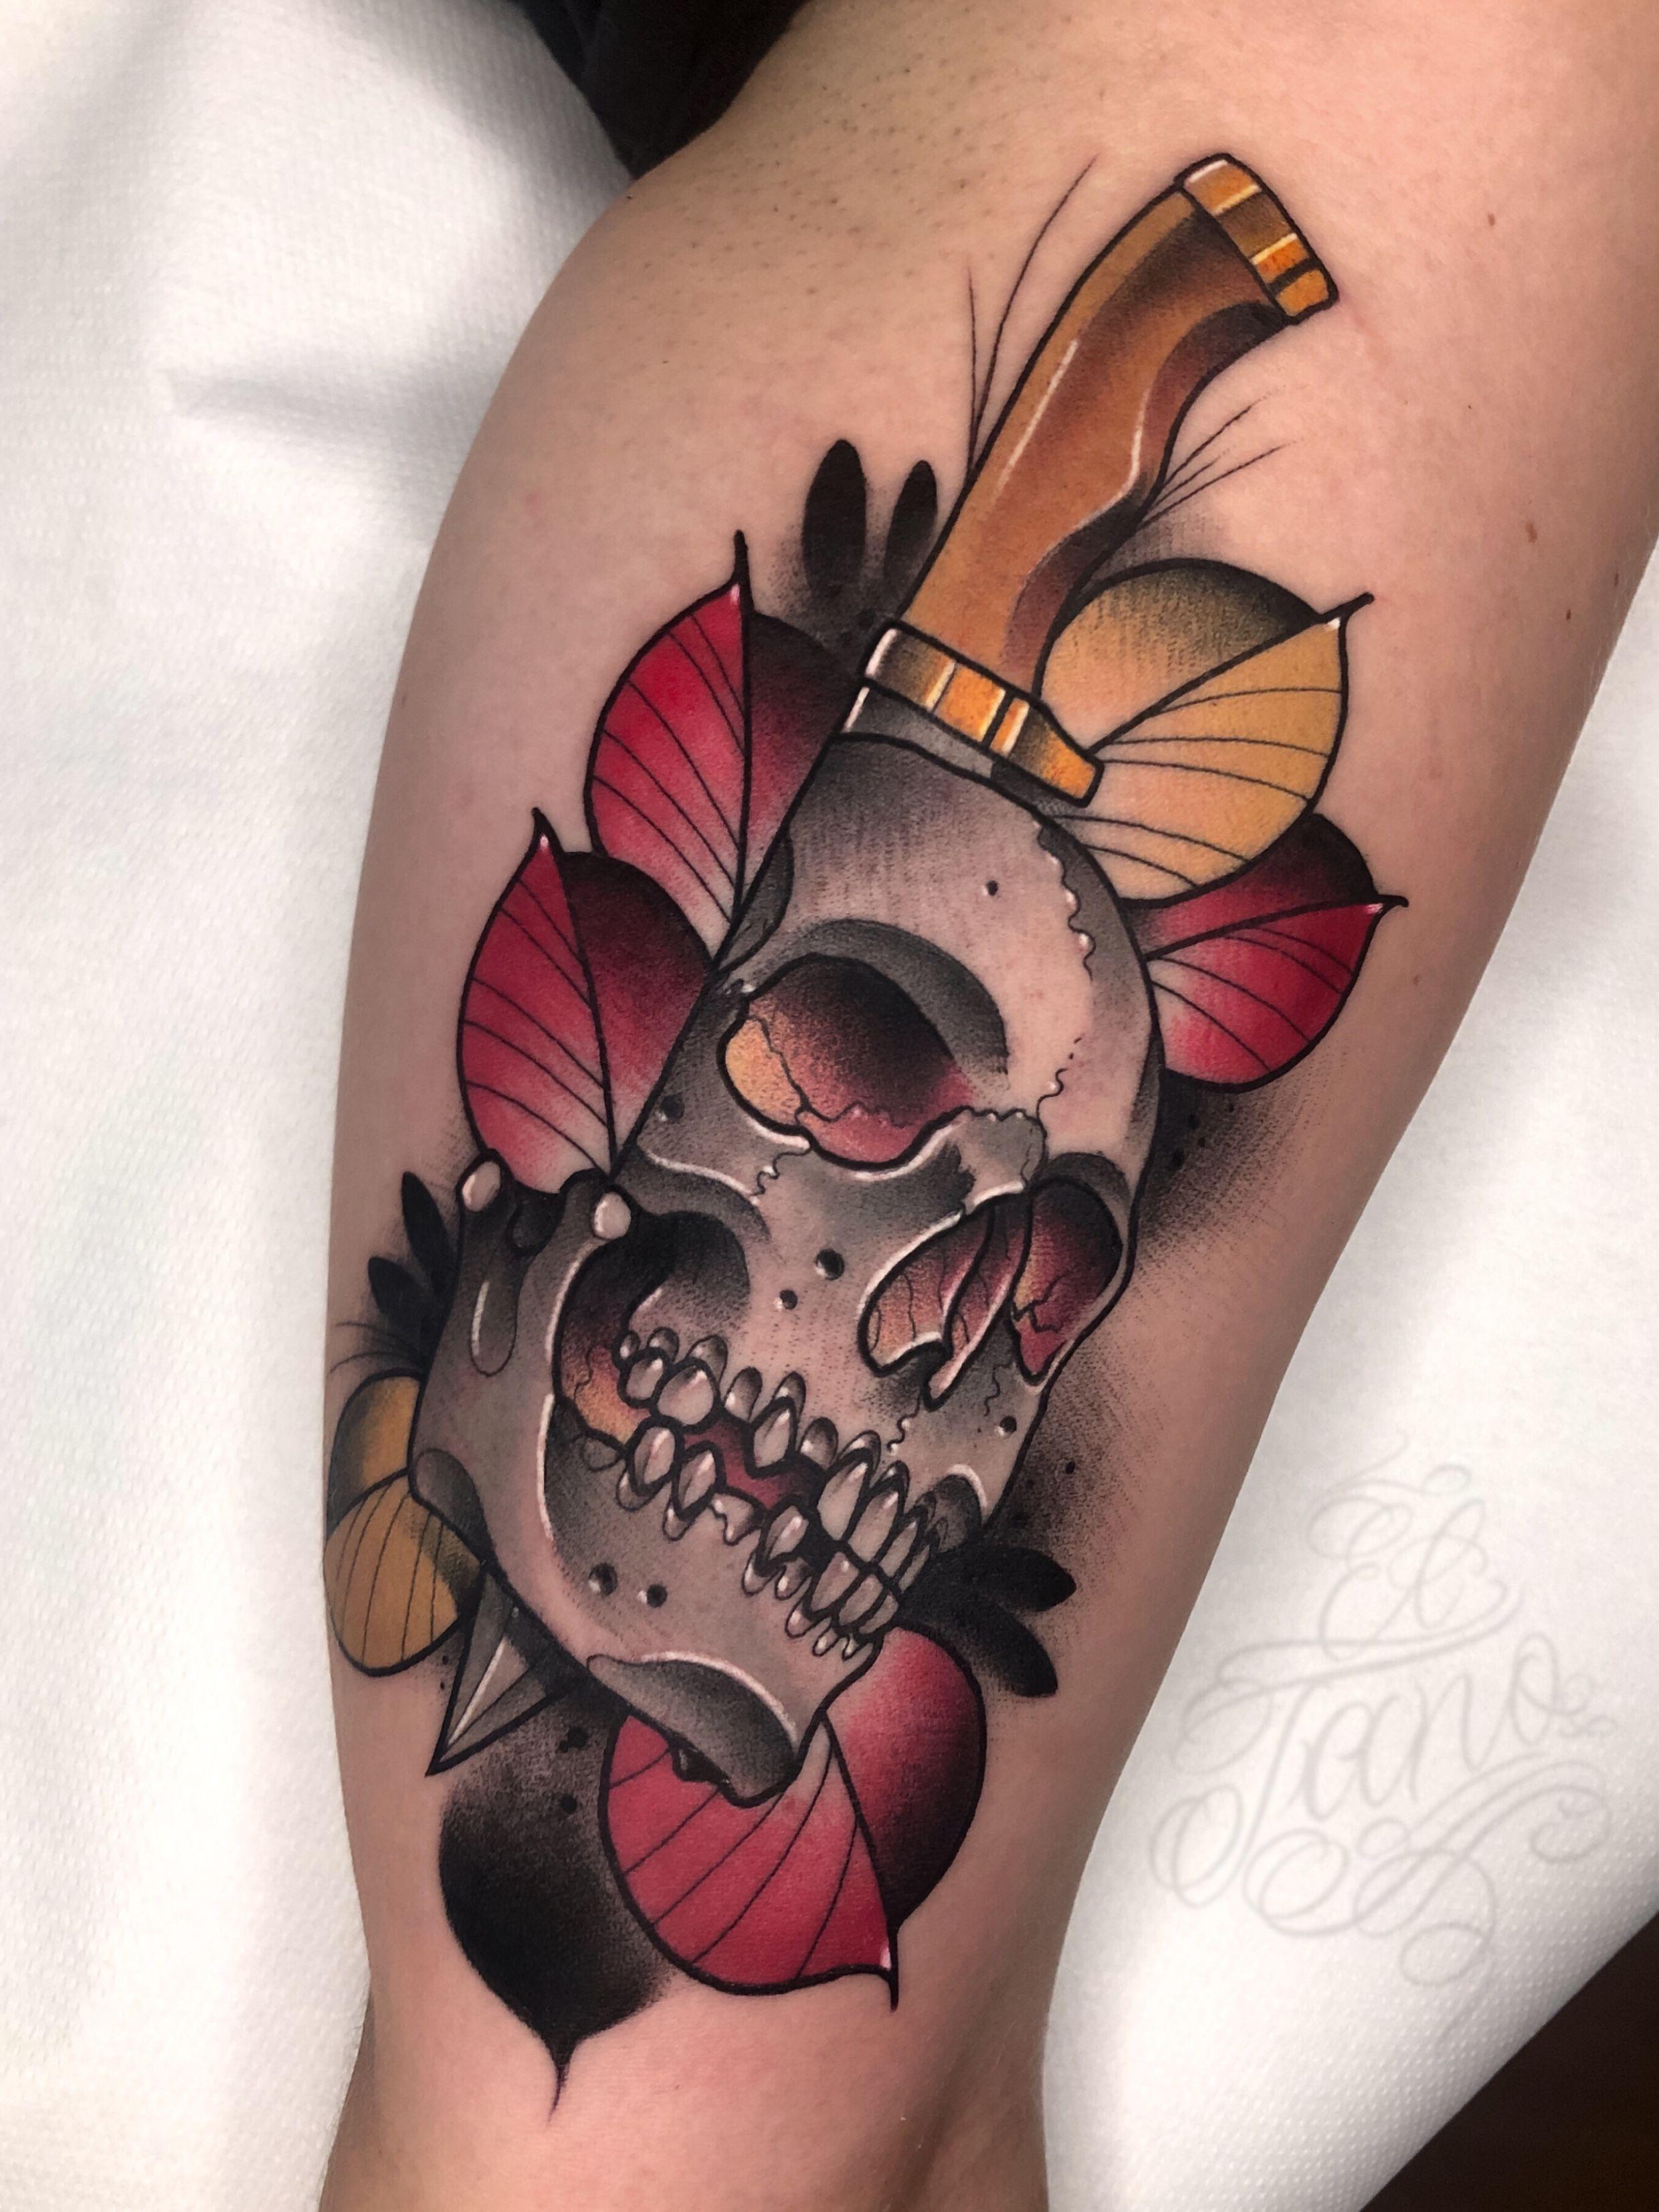 New Trad Skull Neo Tattoo Neo Traditional Tattoo Geometric Tattoo Arm